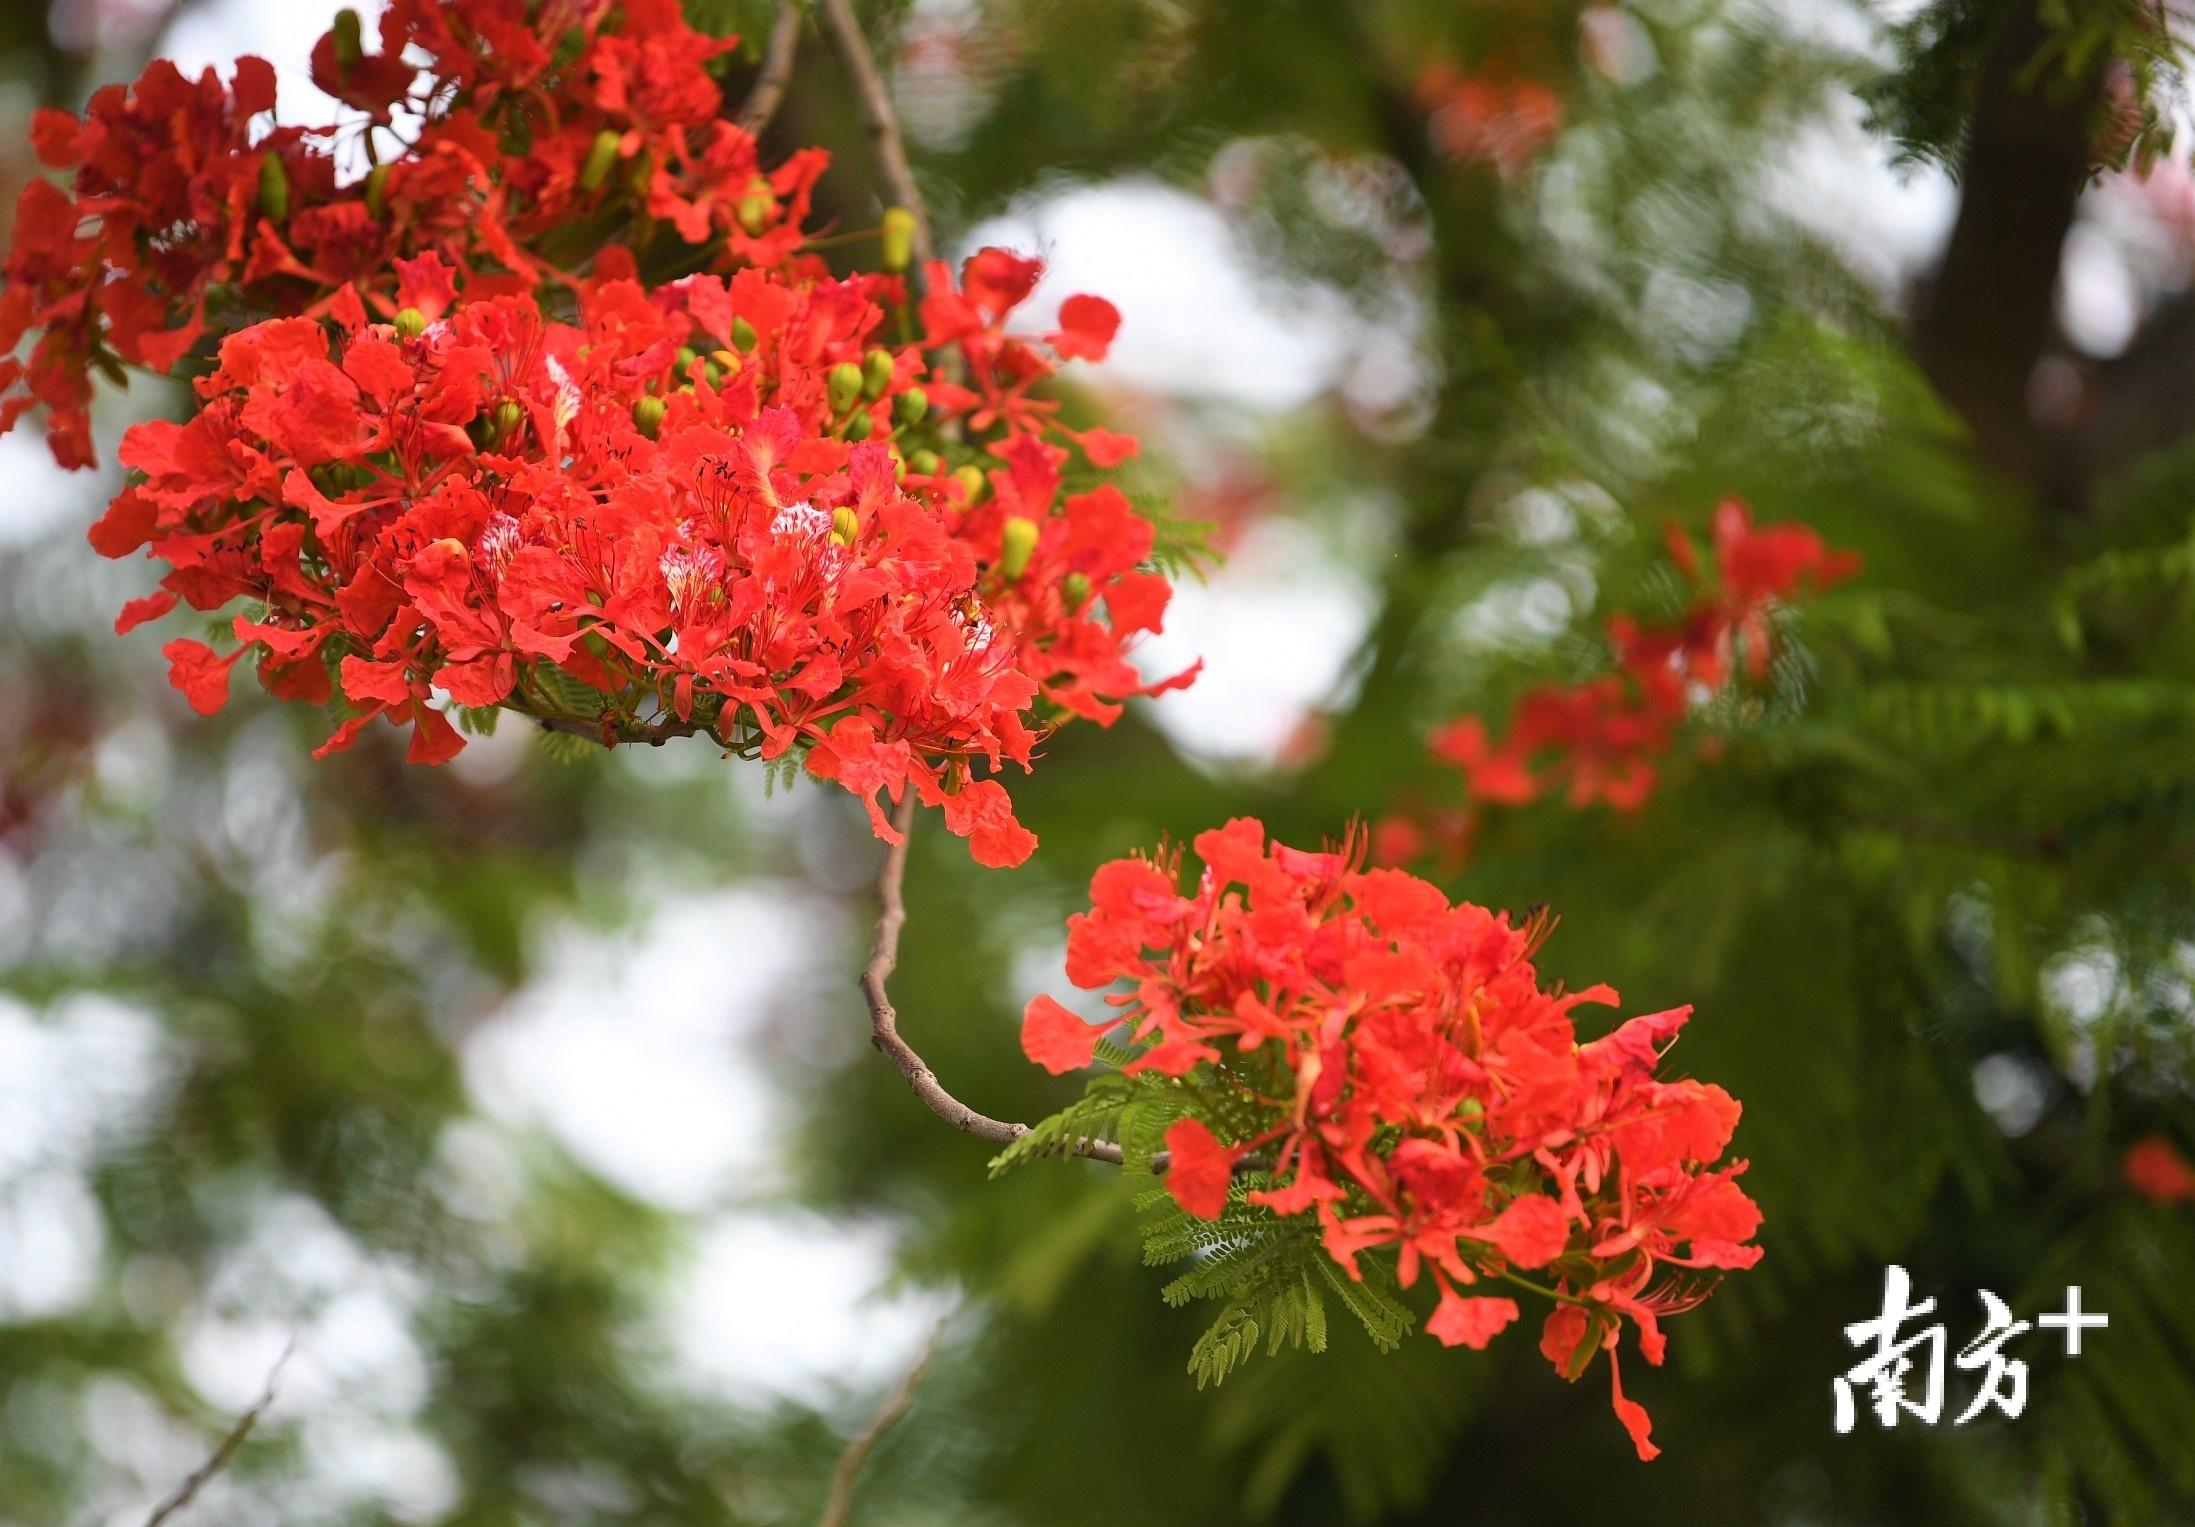 枝头的金凤花如火焰一般。杨兴乐摄